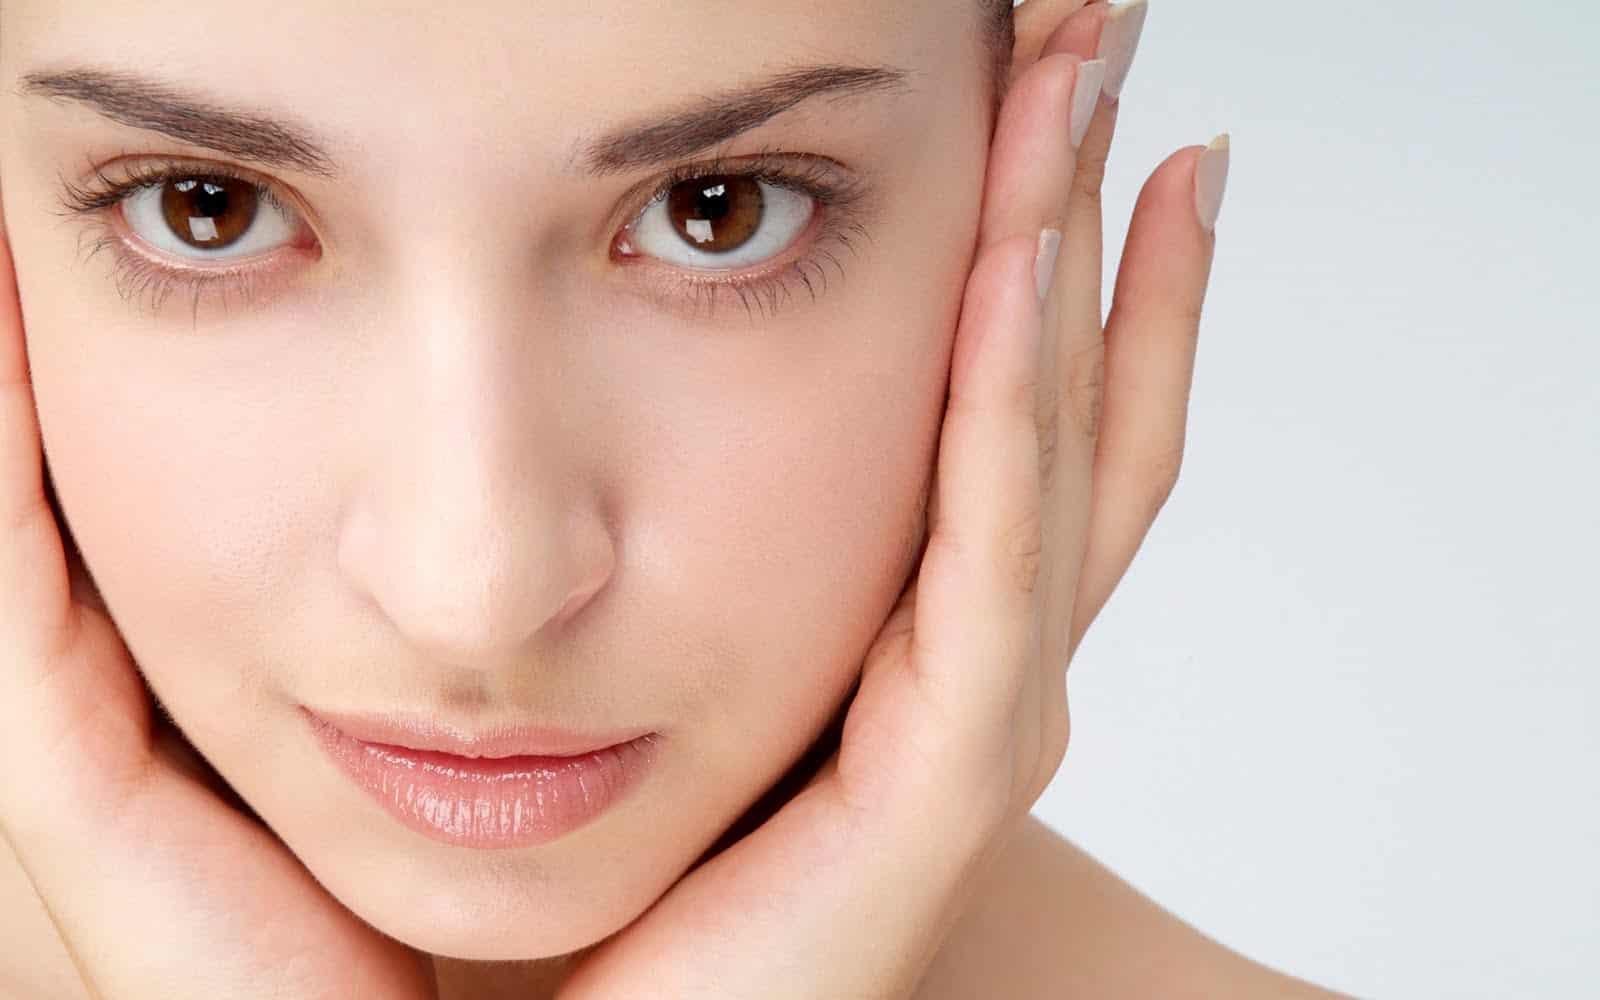 Kaip nustatyti odos tipą